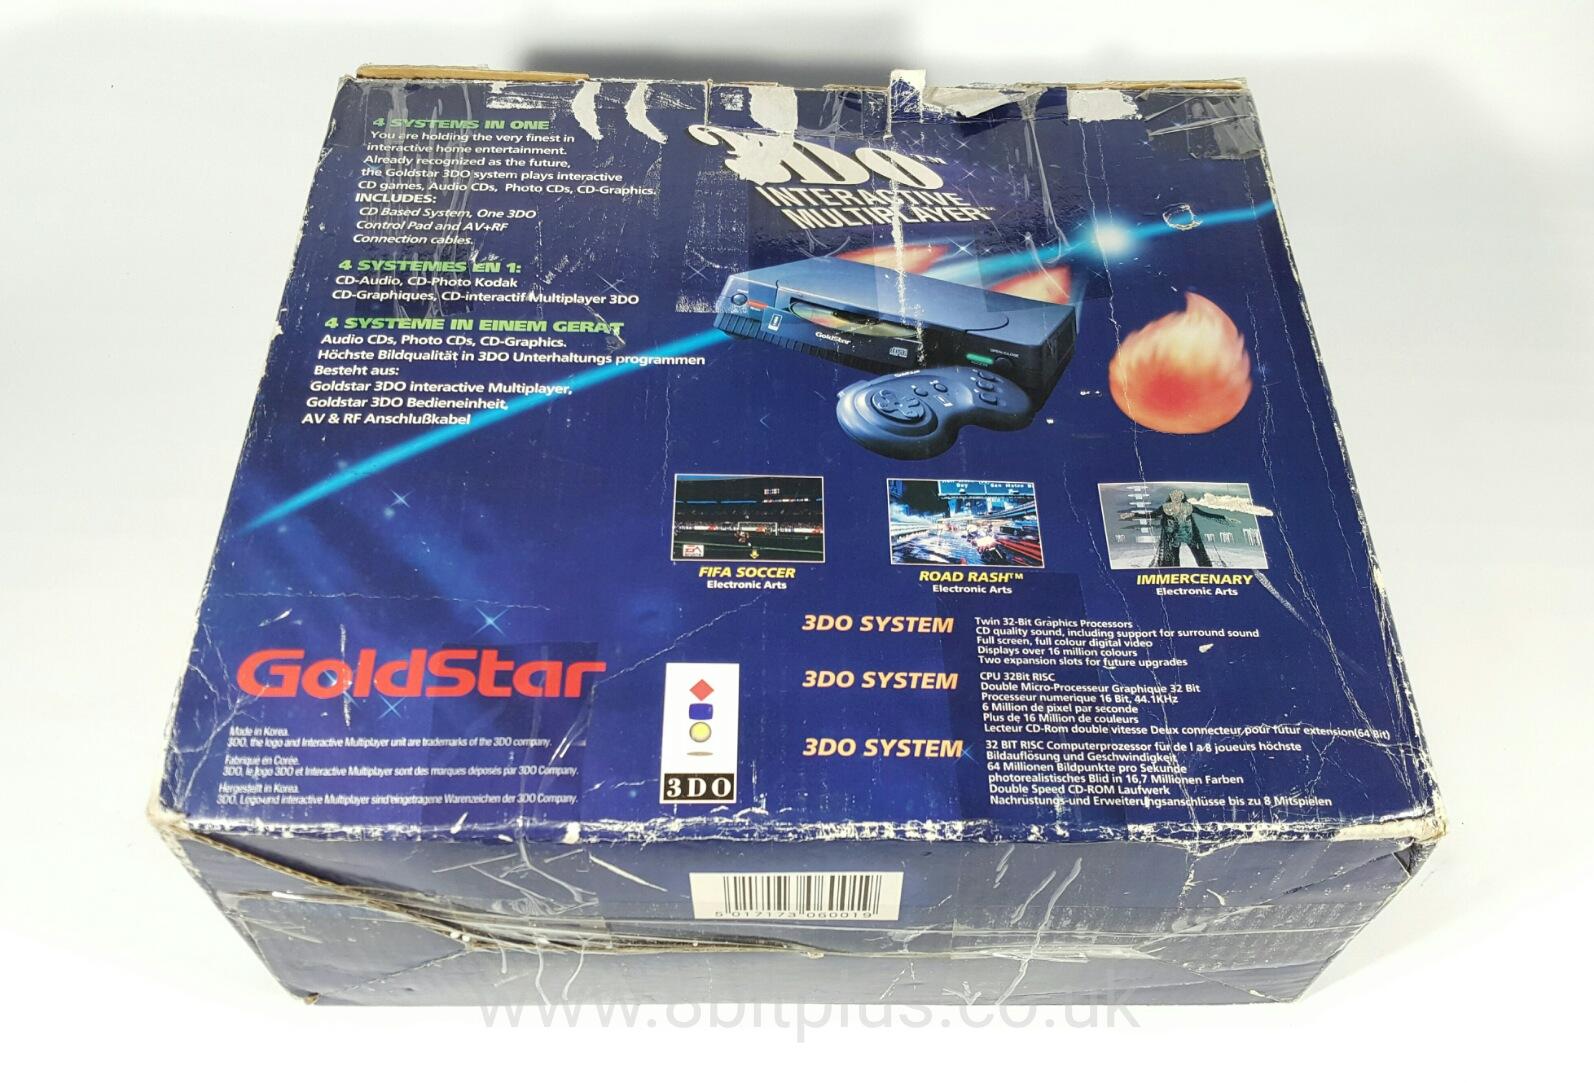 Goldstar_3DO_7